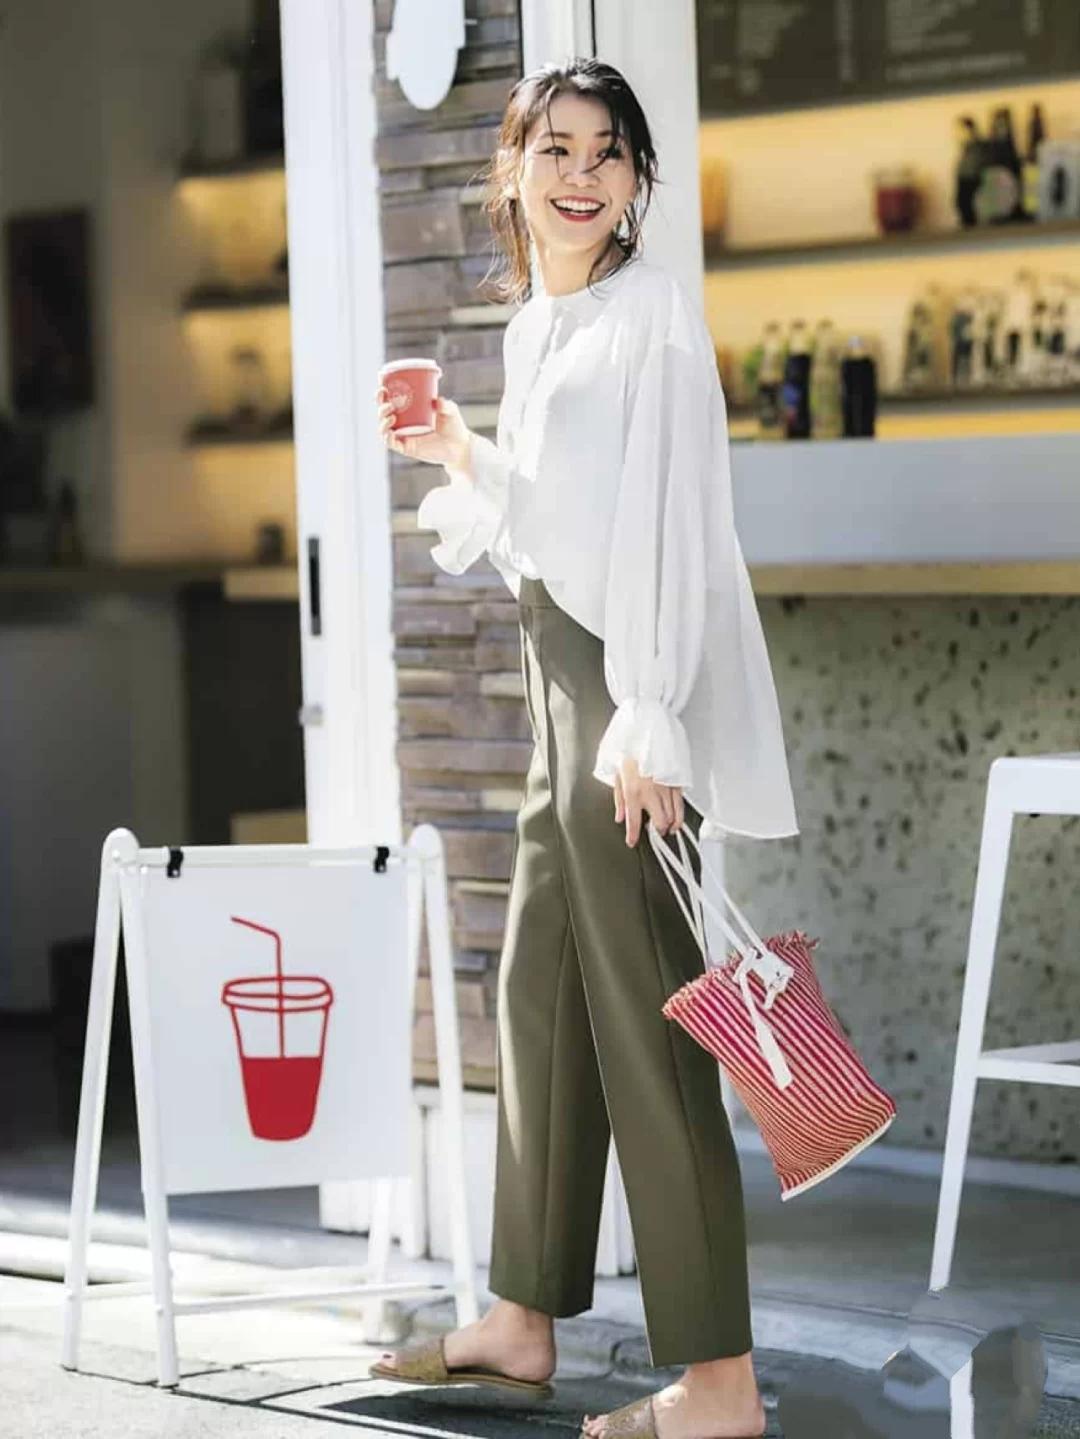 夏季衬衣太普通?看日系女性如何穿基础衬衣,时尚简约又优雅